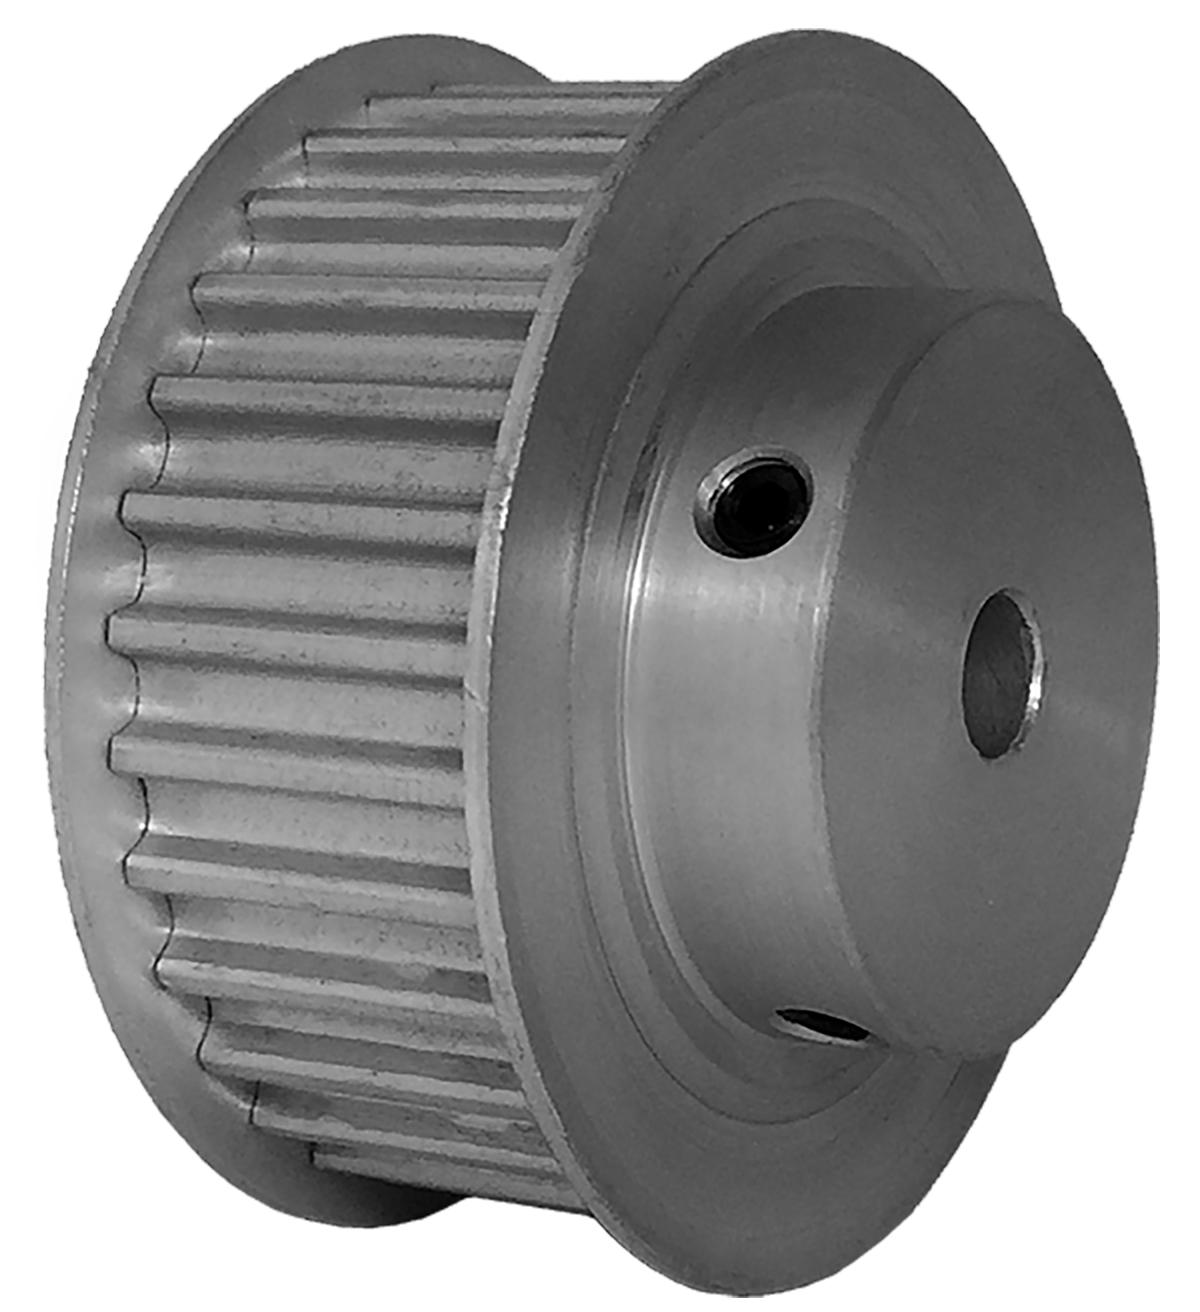 30-5P15-6FA3 - Aluminum Powerhouse® Pulleys